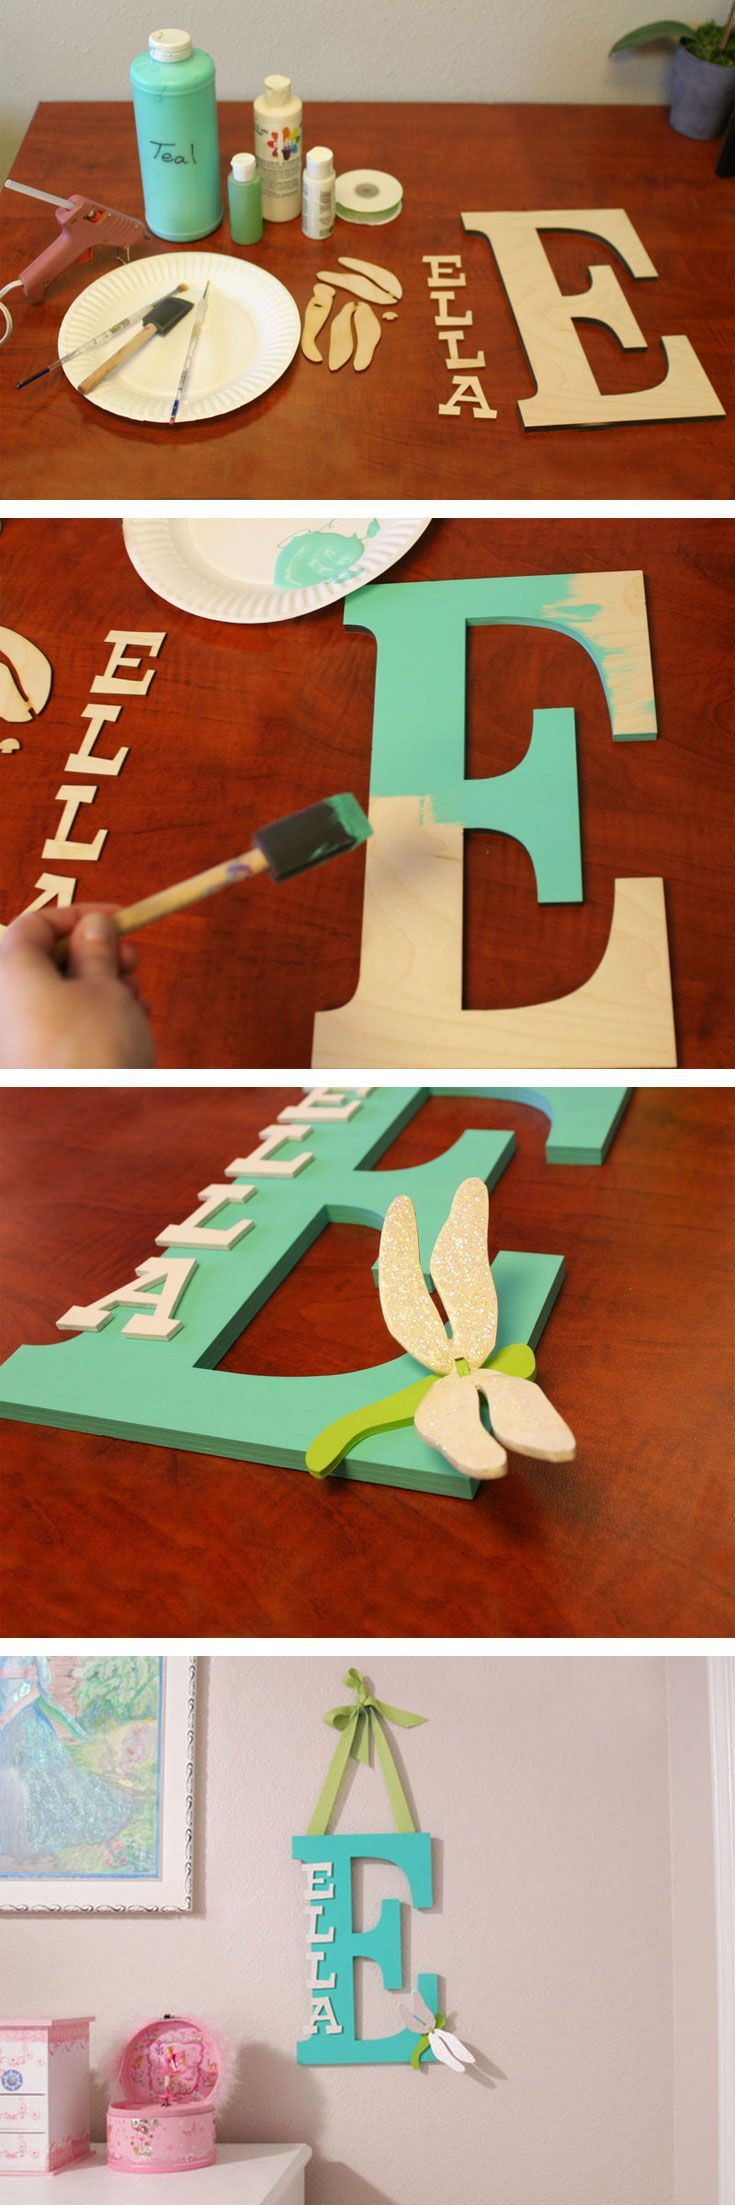 DIY - How To Make a custom Name Monogram